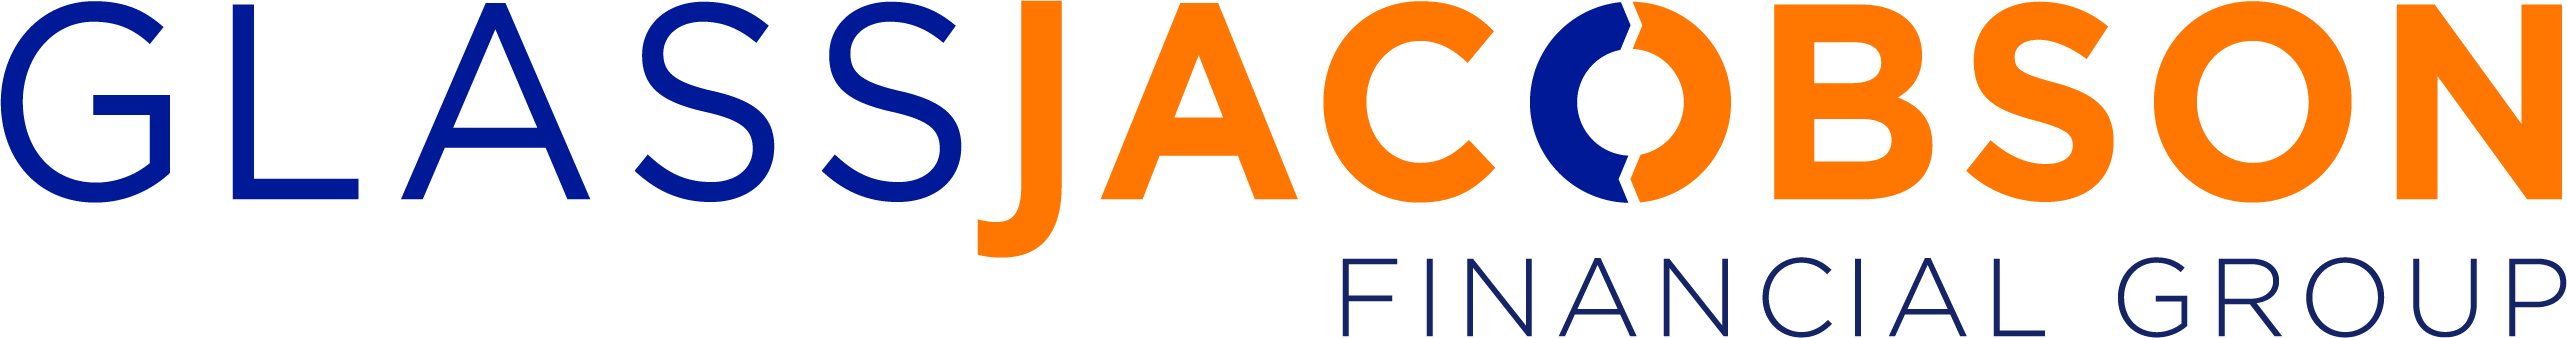 Glass Jacobson, P.A. Company Logo